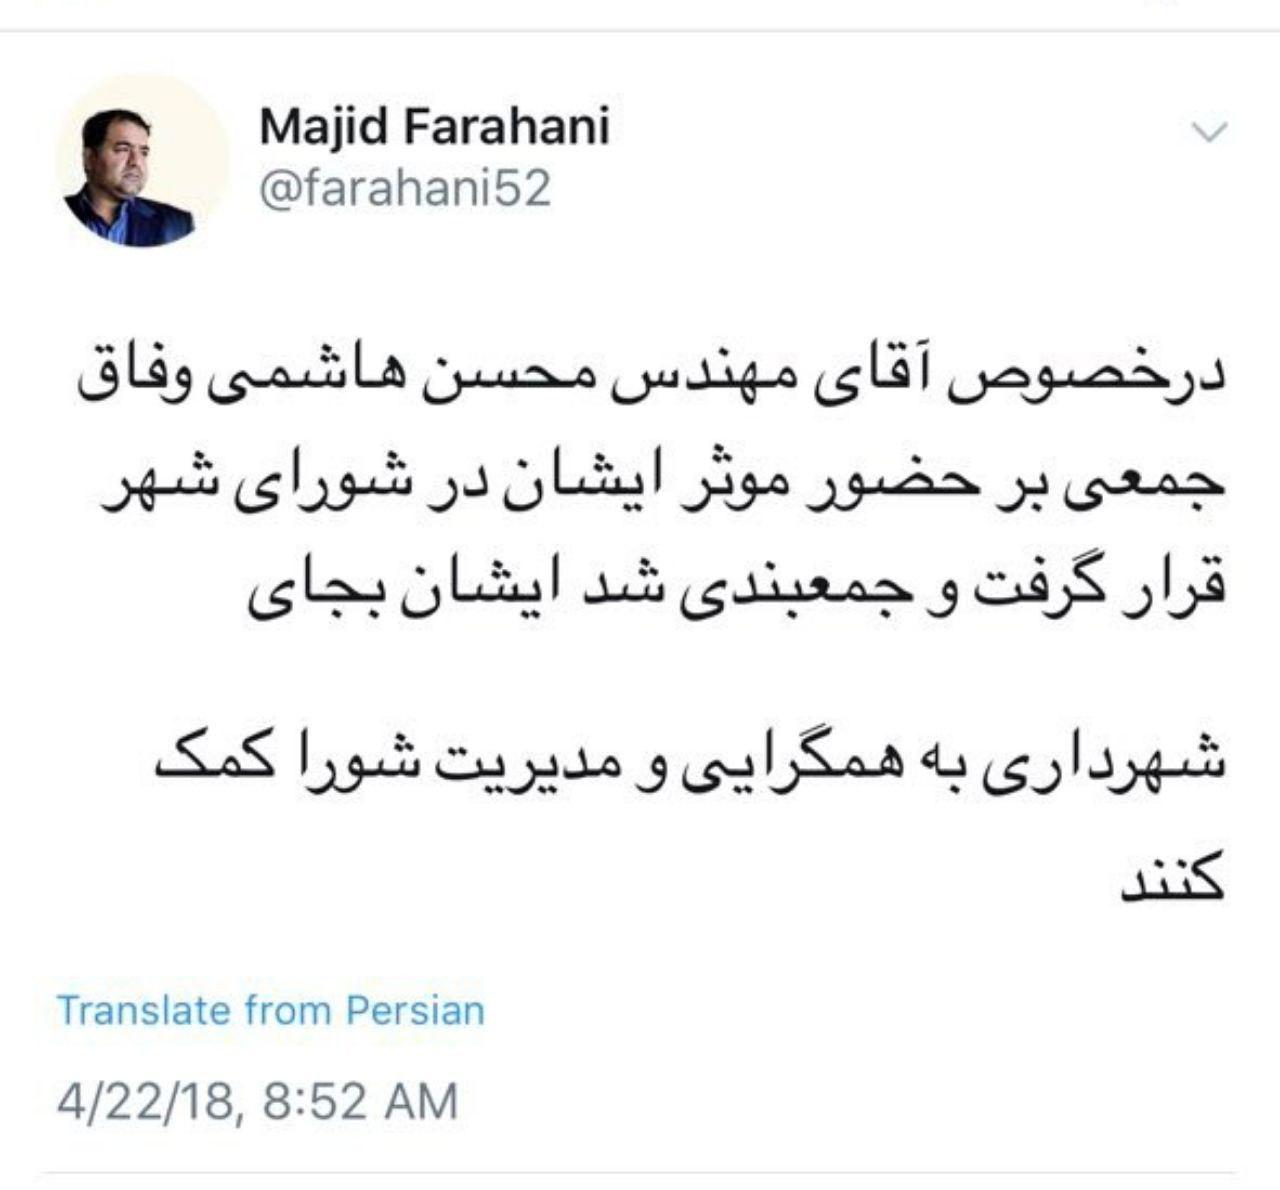 اعطا مطرح کرد؛ شورای شهر با استعفای هاشمی مخالفت کرد/ شهردار شدن آقای رئیس منتفی شد